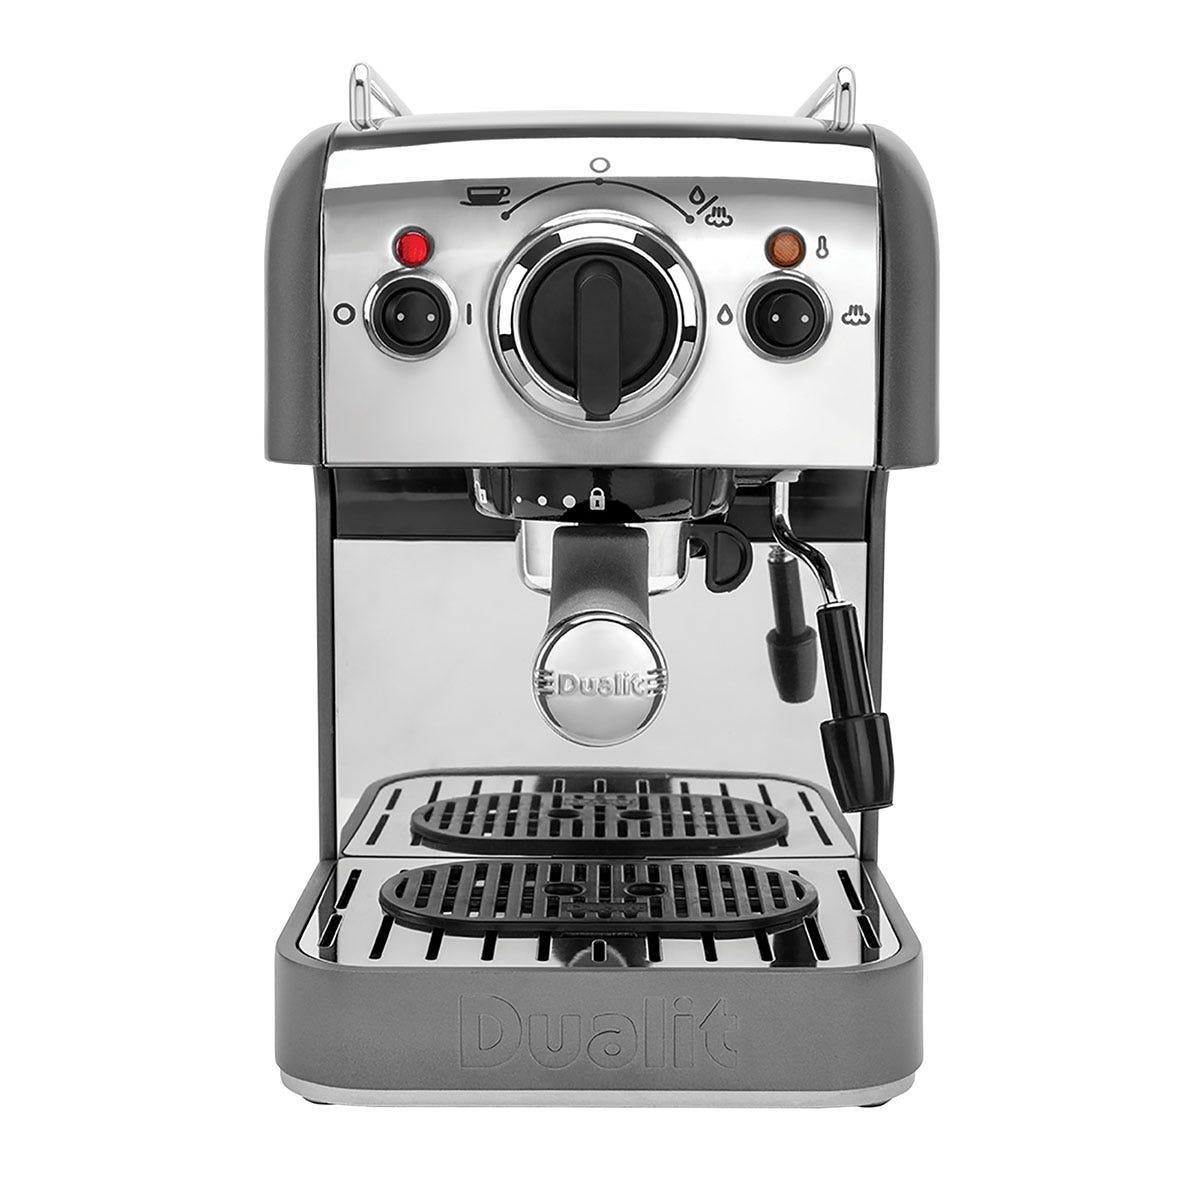 Dualit 84444 1250W 3-in-1 Coffee Machine - Grey